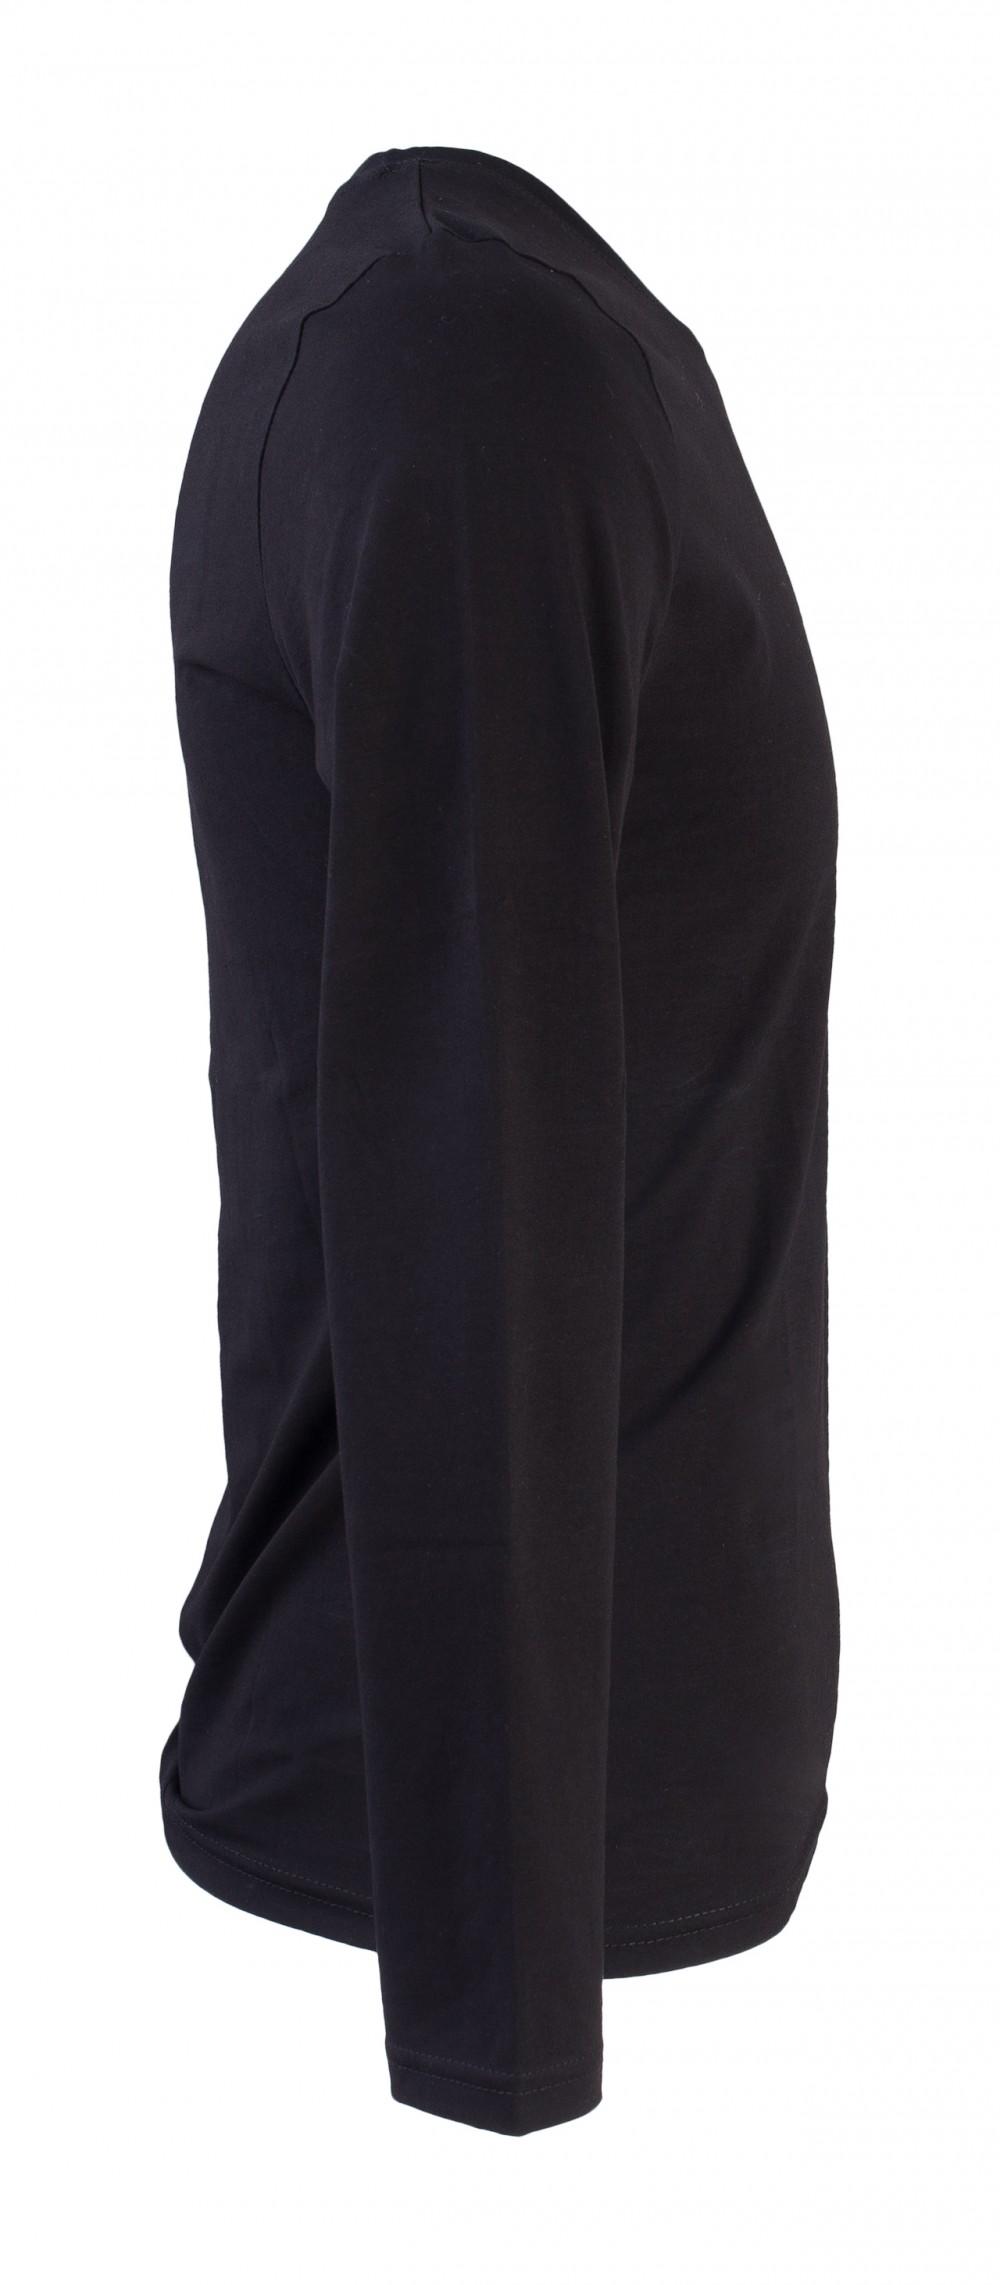 Áo thun tay dài đen at748 - 2